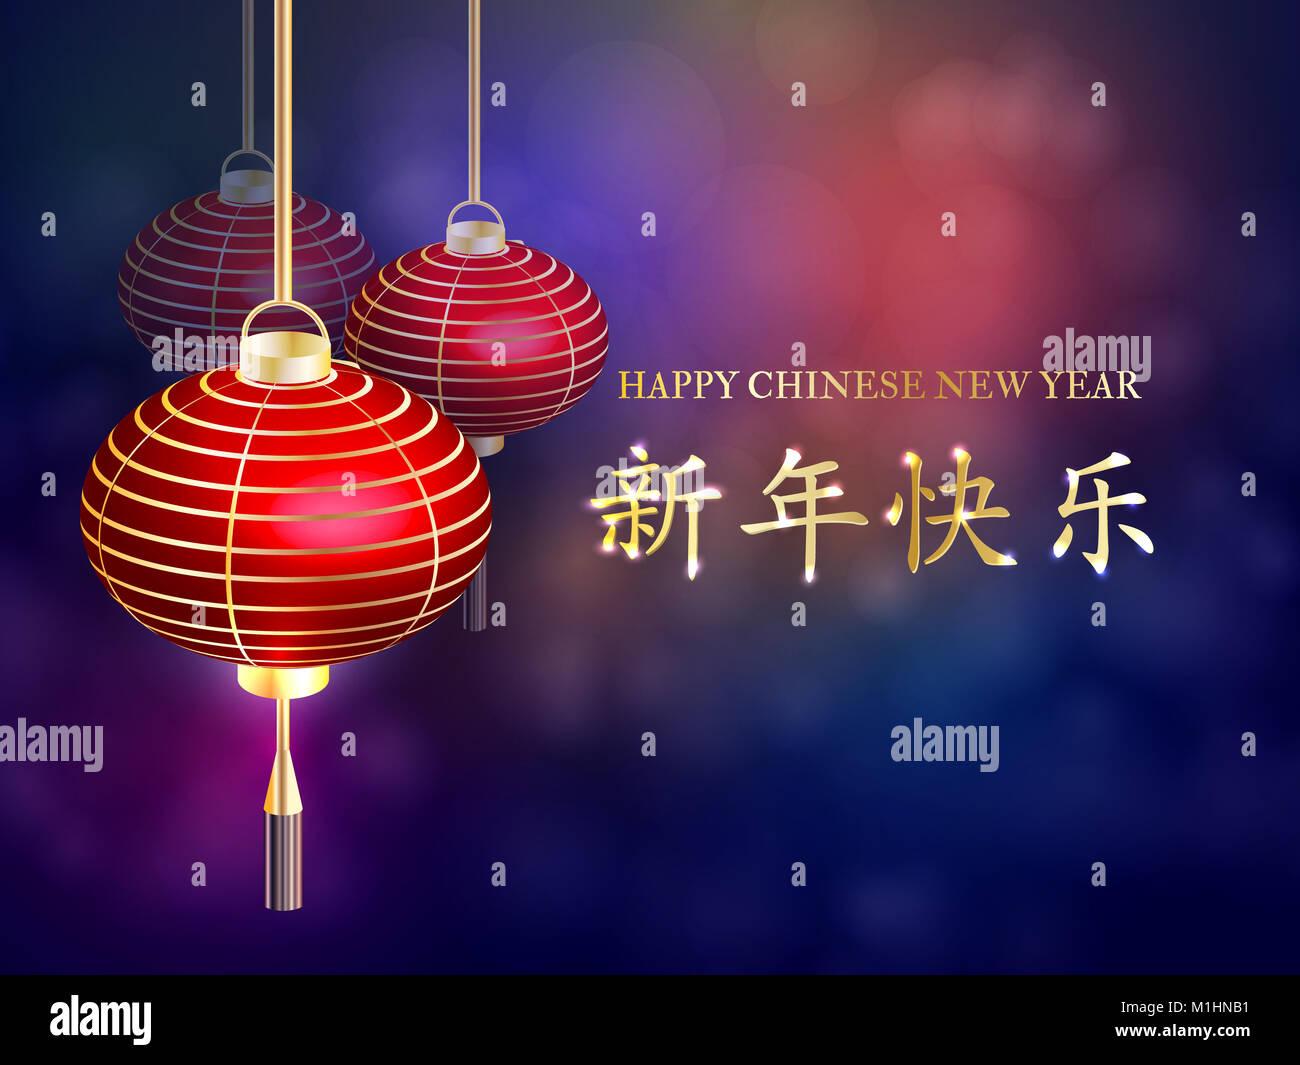 Das chinesische Neujahr. Chinesische Übersetzung: Frohes neues Jahr ...